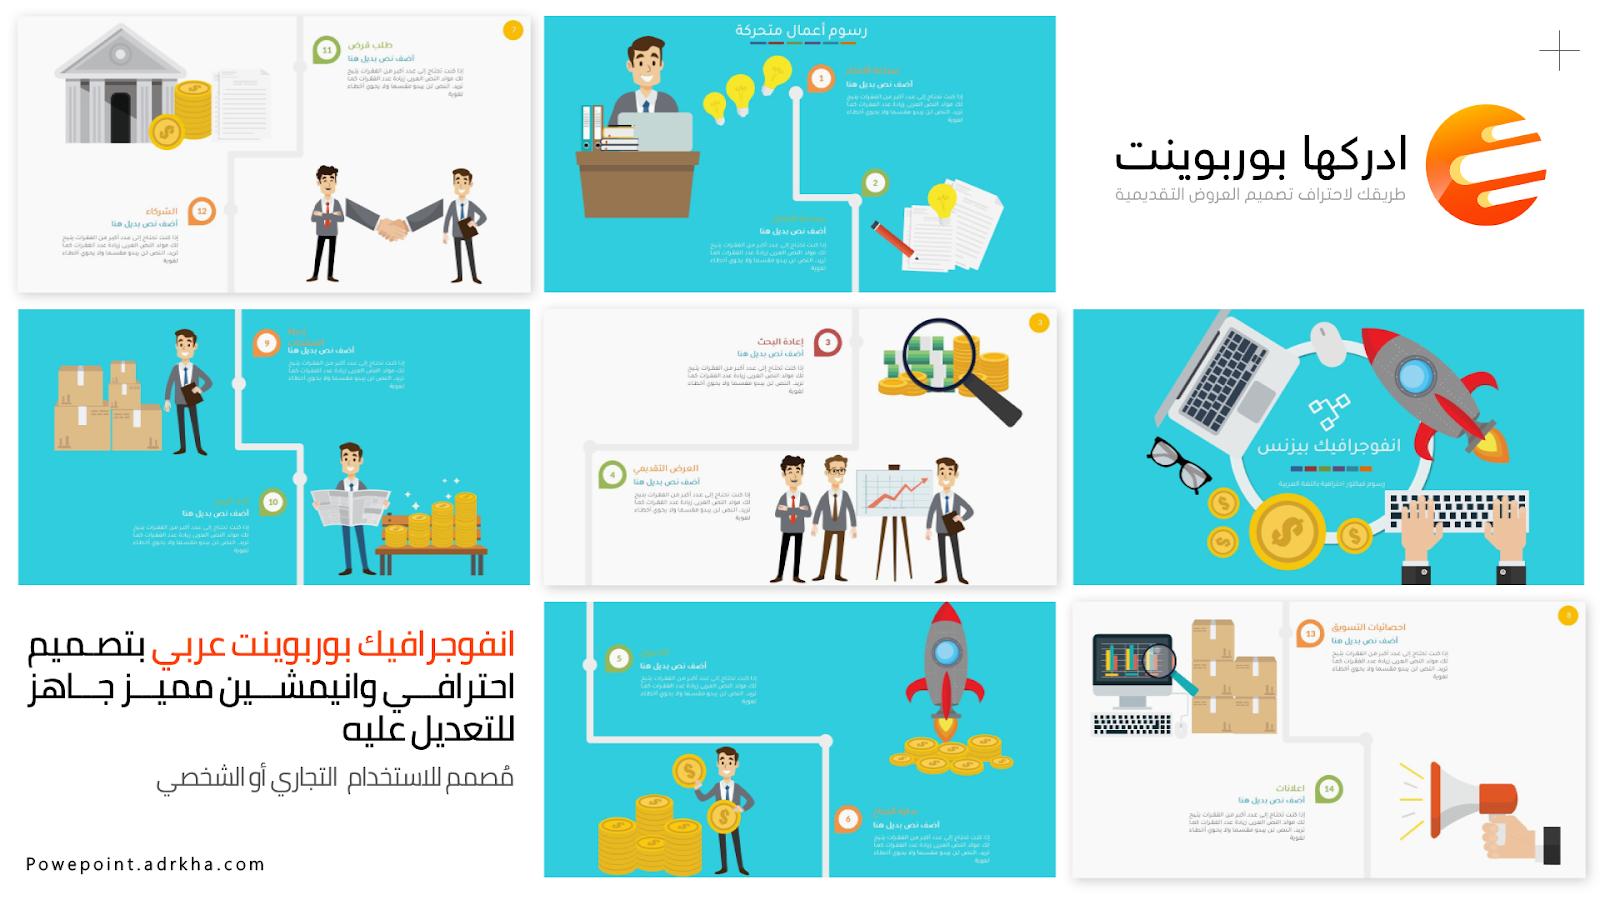 عرض بوربوينت عربي جاهز بيزنس المال والأعمال